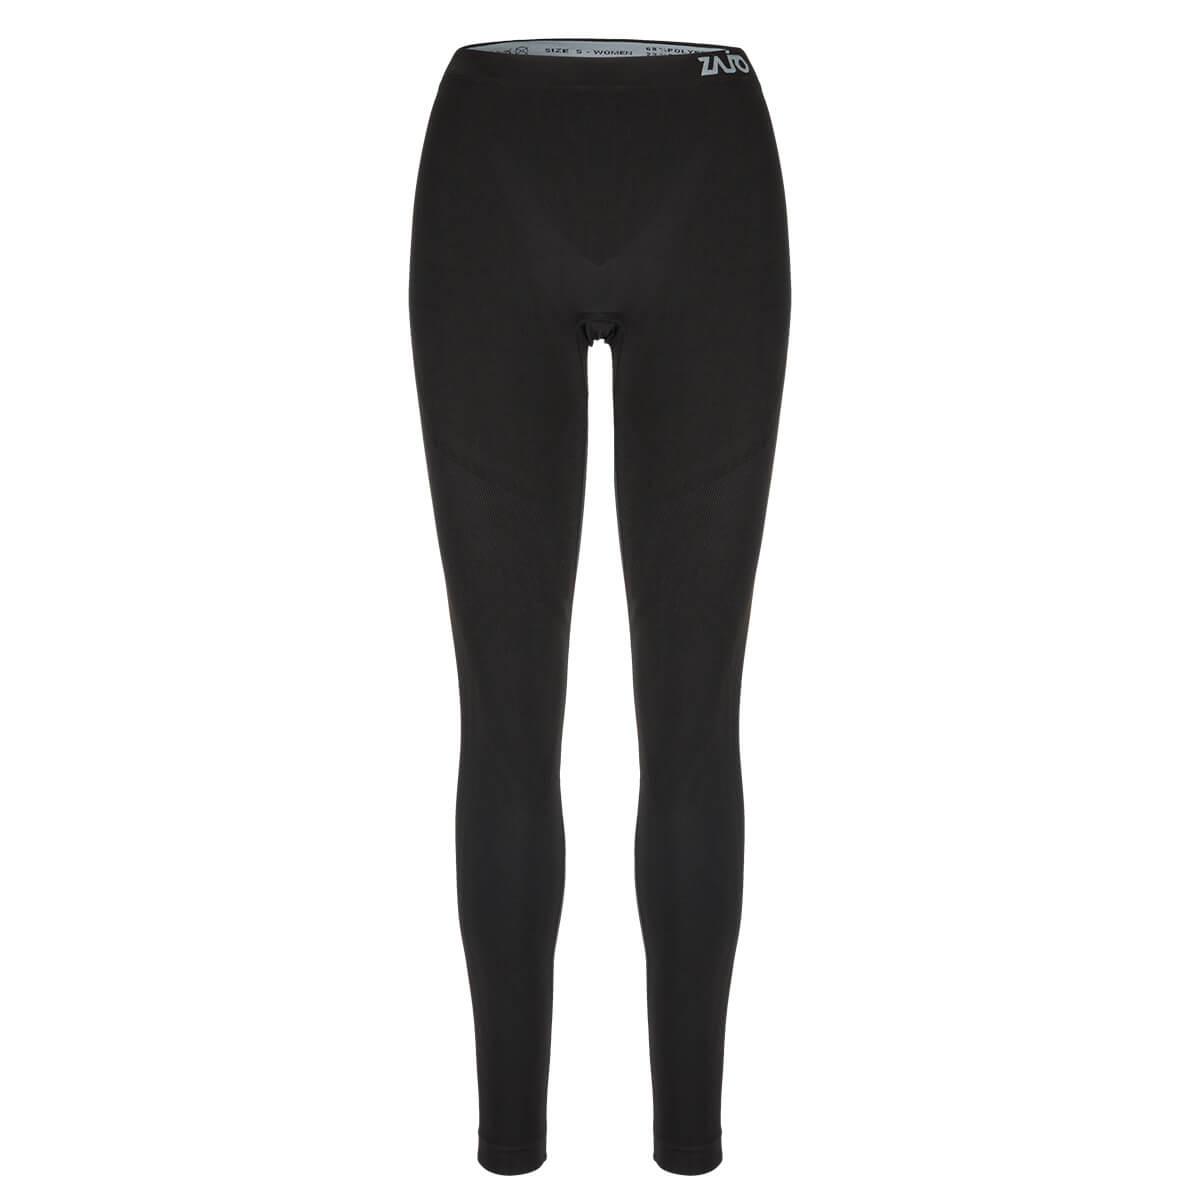 ZAJO Contour W Pants Black 2 Dámske spodné prádlo - veľkosť S